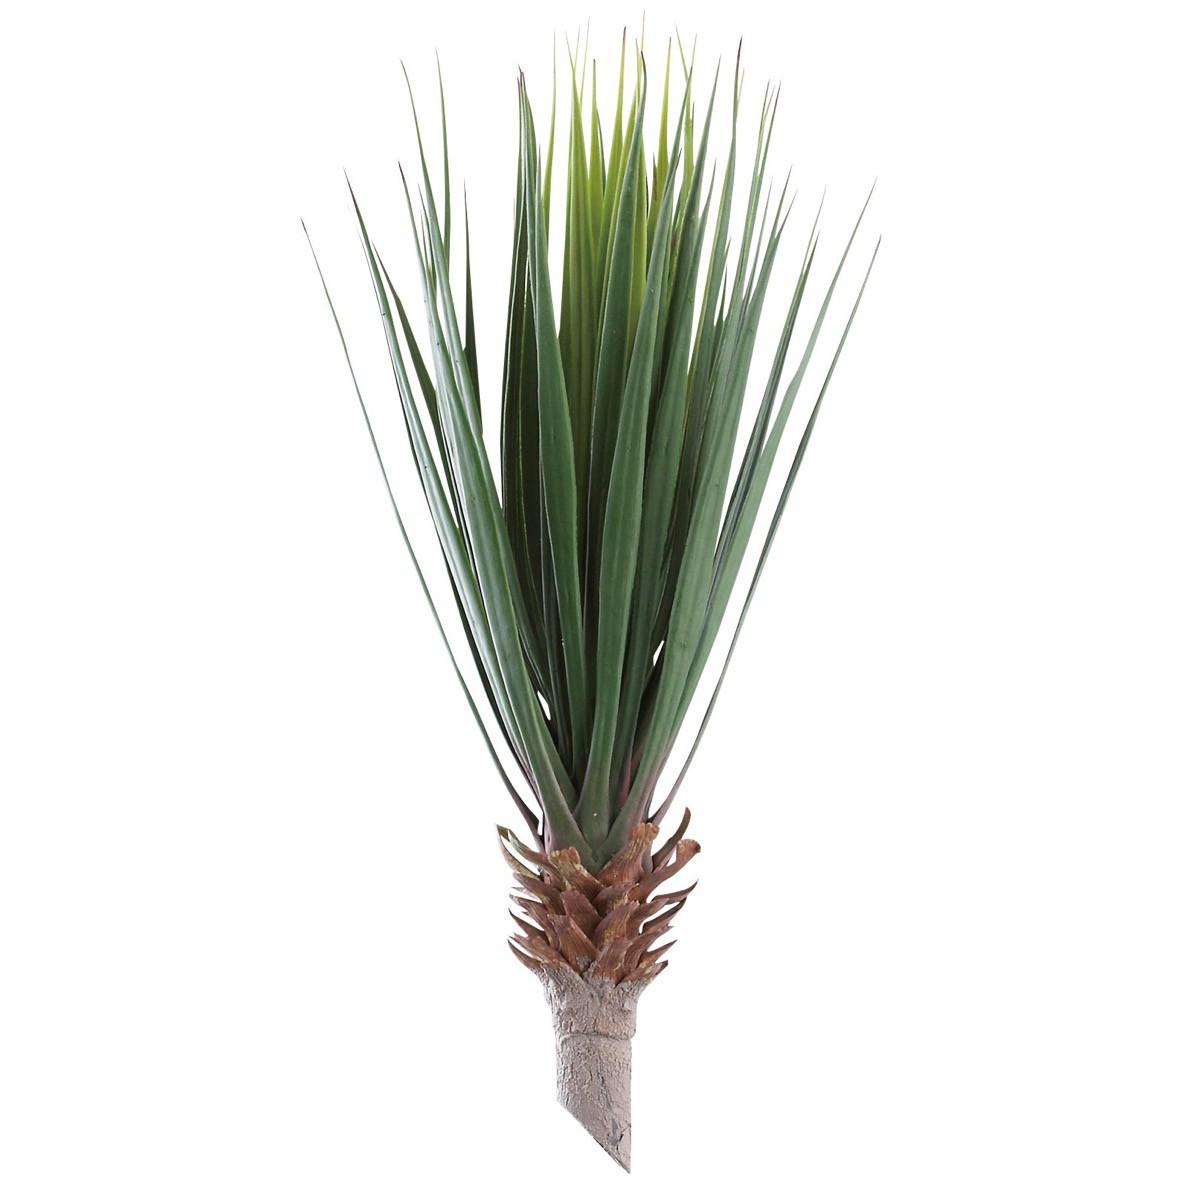 人工観葉植物 フェイクグリーン 観葉植物 造花 ドラセナ 60cm 幸福の木 インテリア おしゃれ フェイク グリーン CT触媒 消臭 抗菌